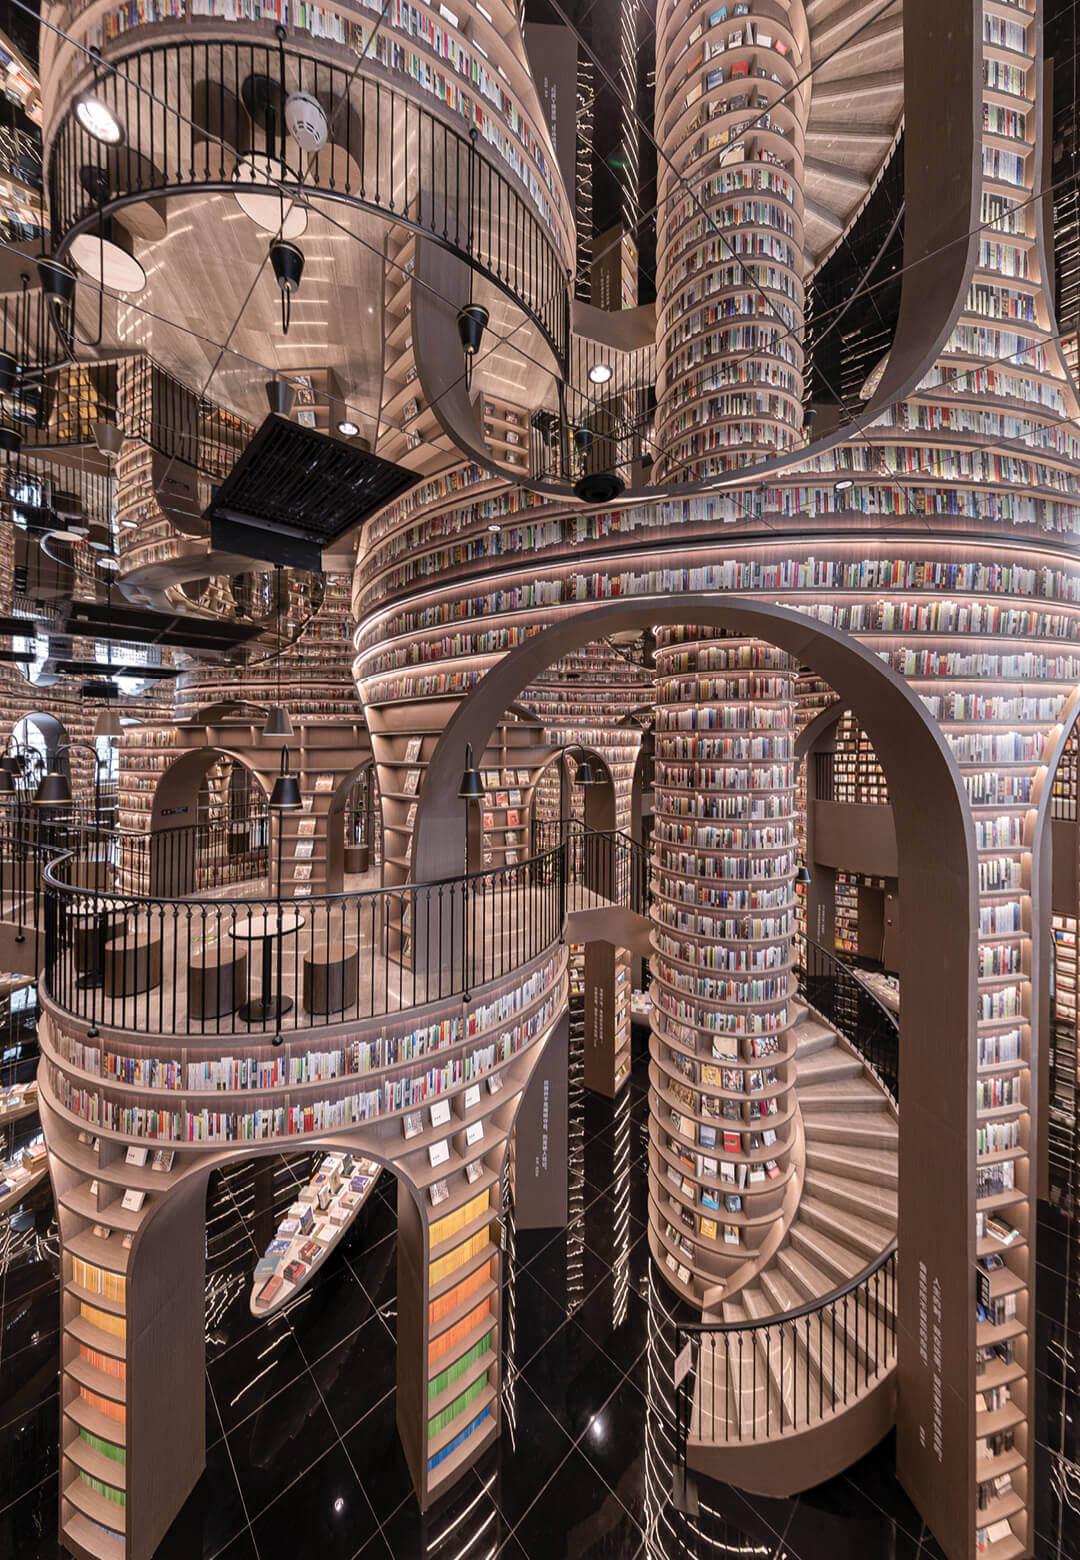 Dujiangyan Zhongshuge by X + Living is a surreal, cavernous bookstore in Chengdu, China | Dujiangyan Zhongshuge by X + Living | STIRworld